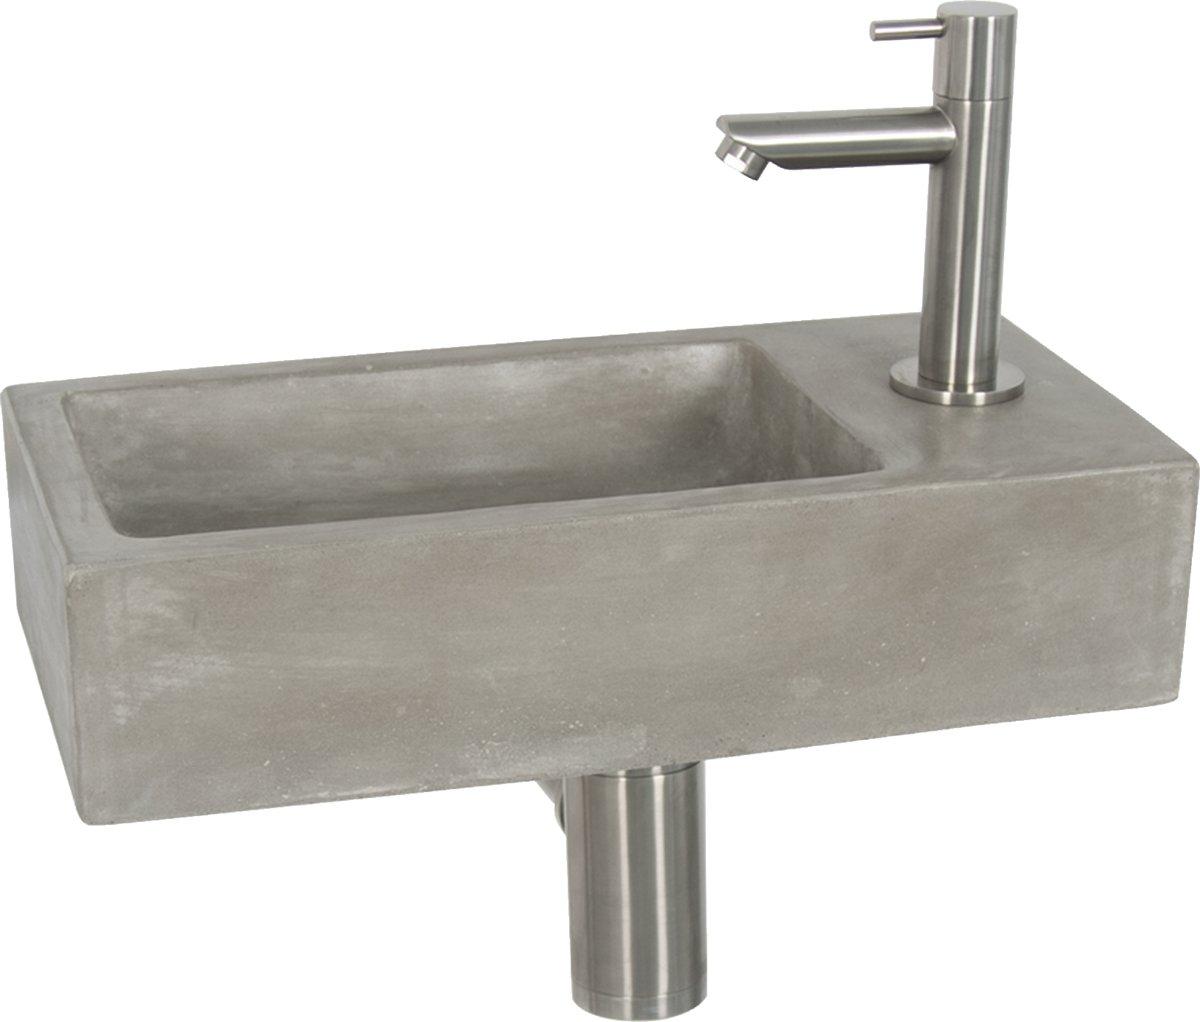 Fonteinset Differnz Juti Rechthoek 38.5x18.5x9cm Beton Grijs Mat Verchroomde Toiletkraan Sifon Plug kopen